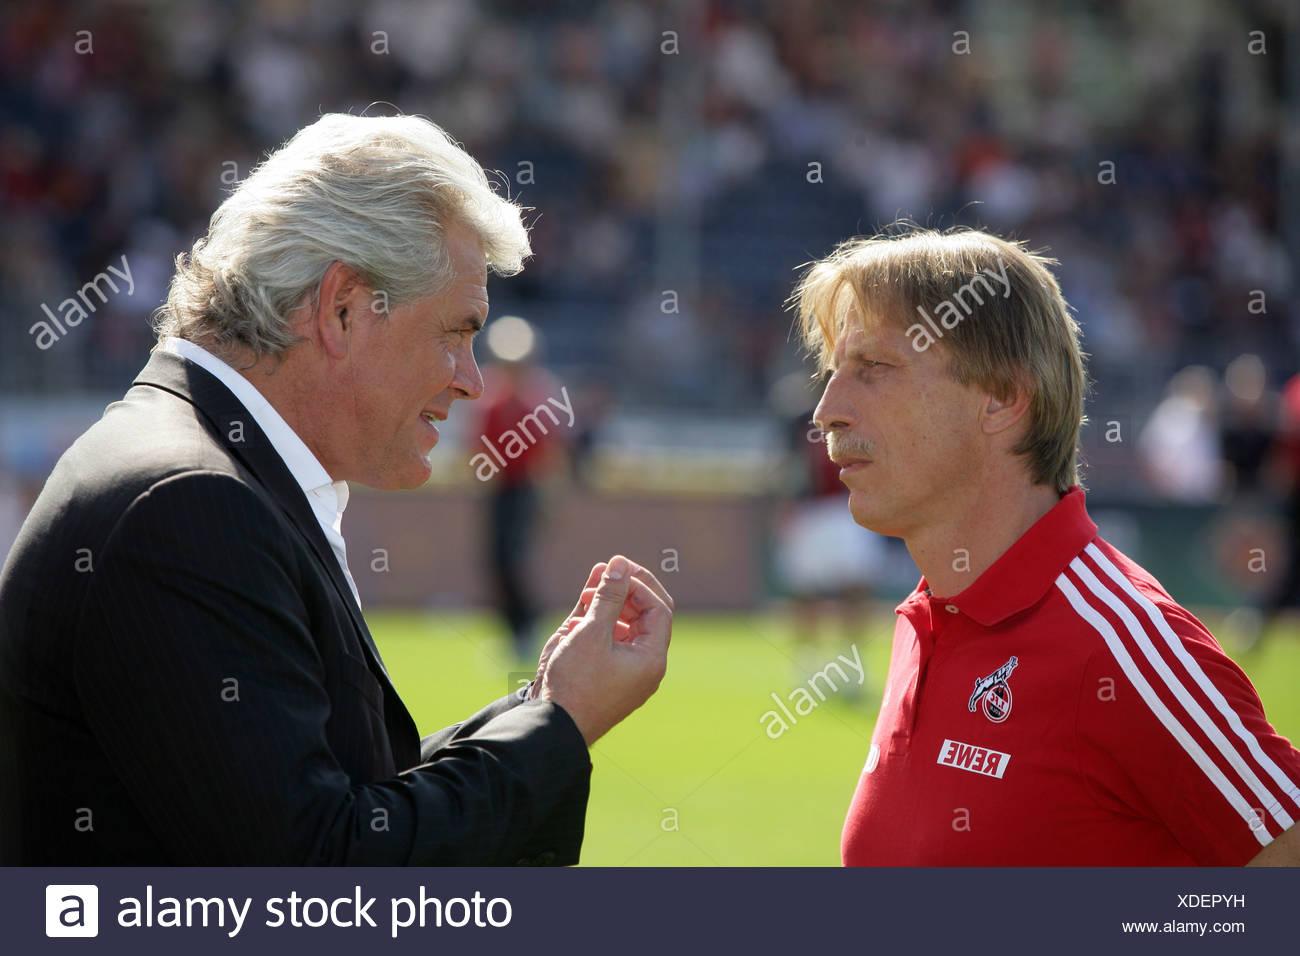 Fussball Trainer Uwe Rapolder Tus Koblenz R Und Christoph Daum